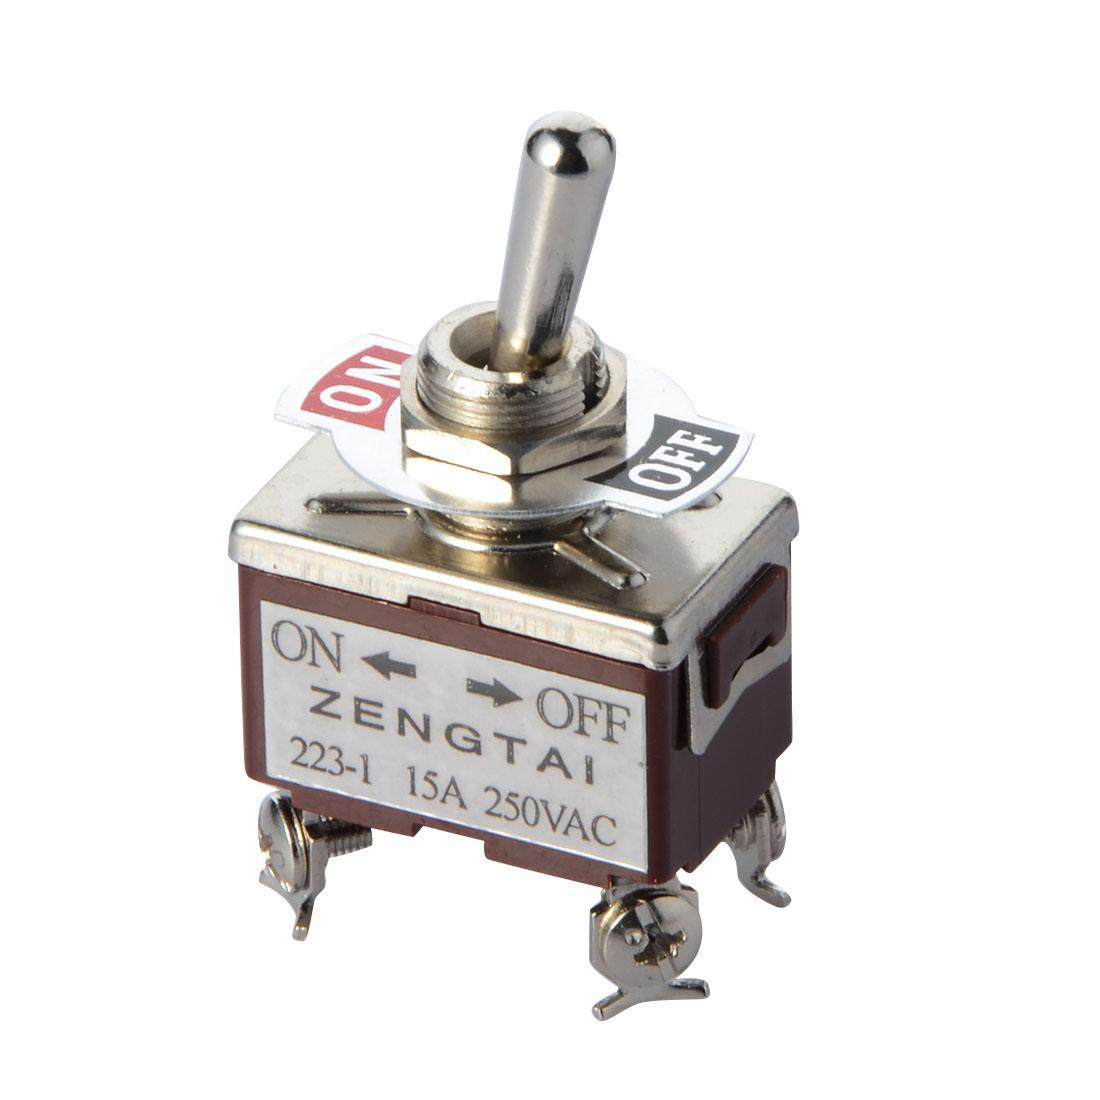 유니버설 교체 ON / OFF / ON 상세 정보 2P2T DPDT 토글 스위치 AC 250V / 15A